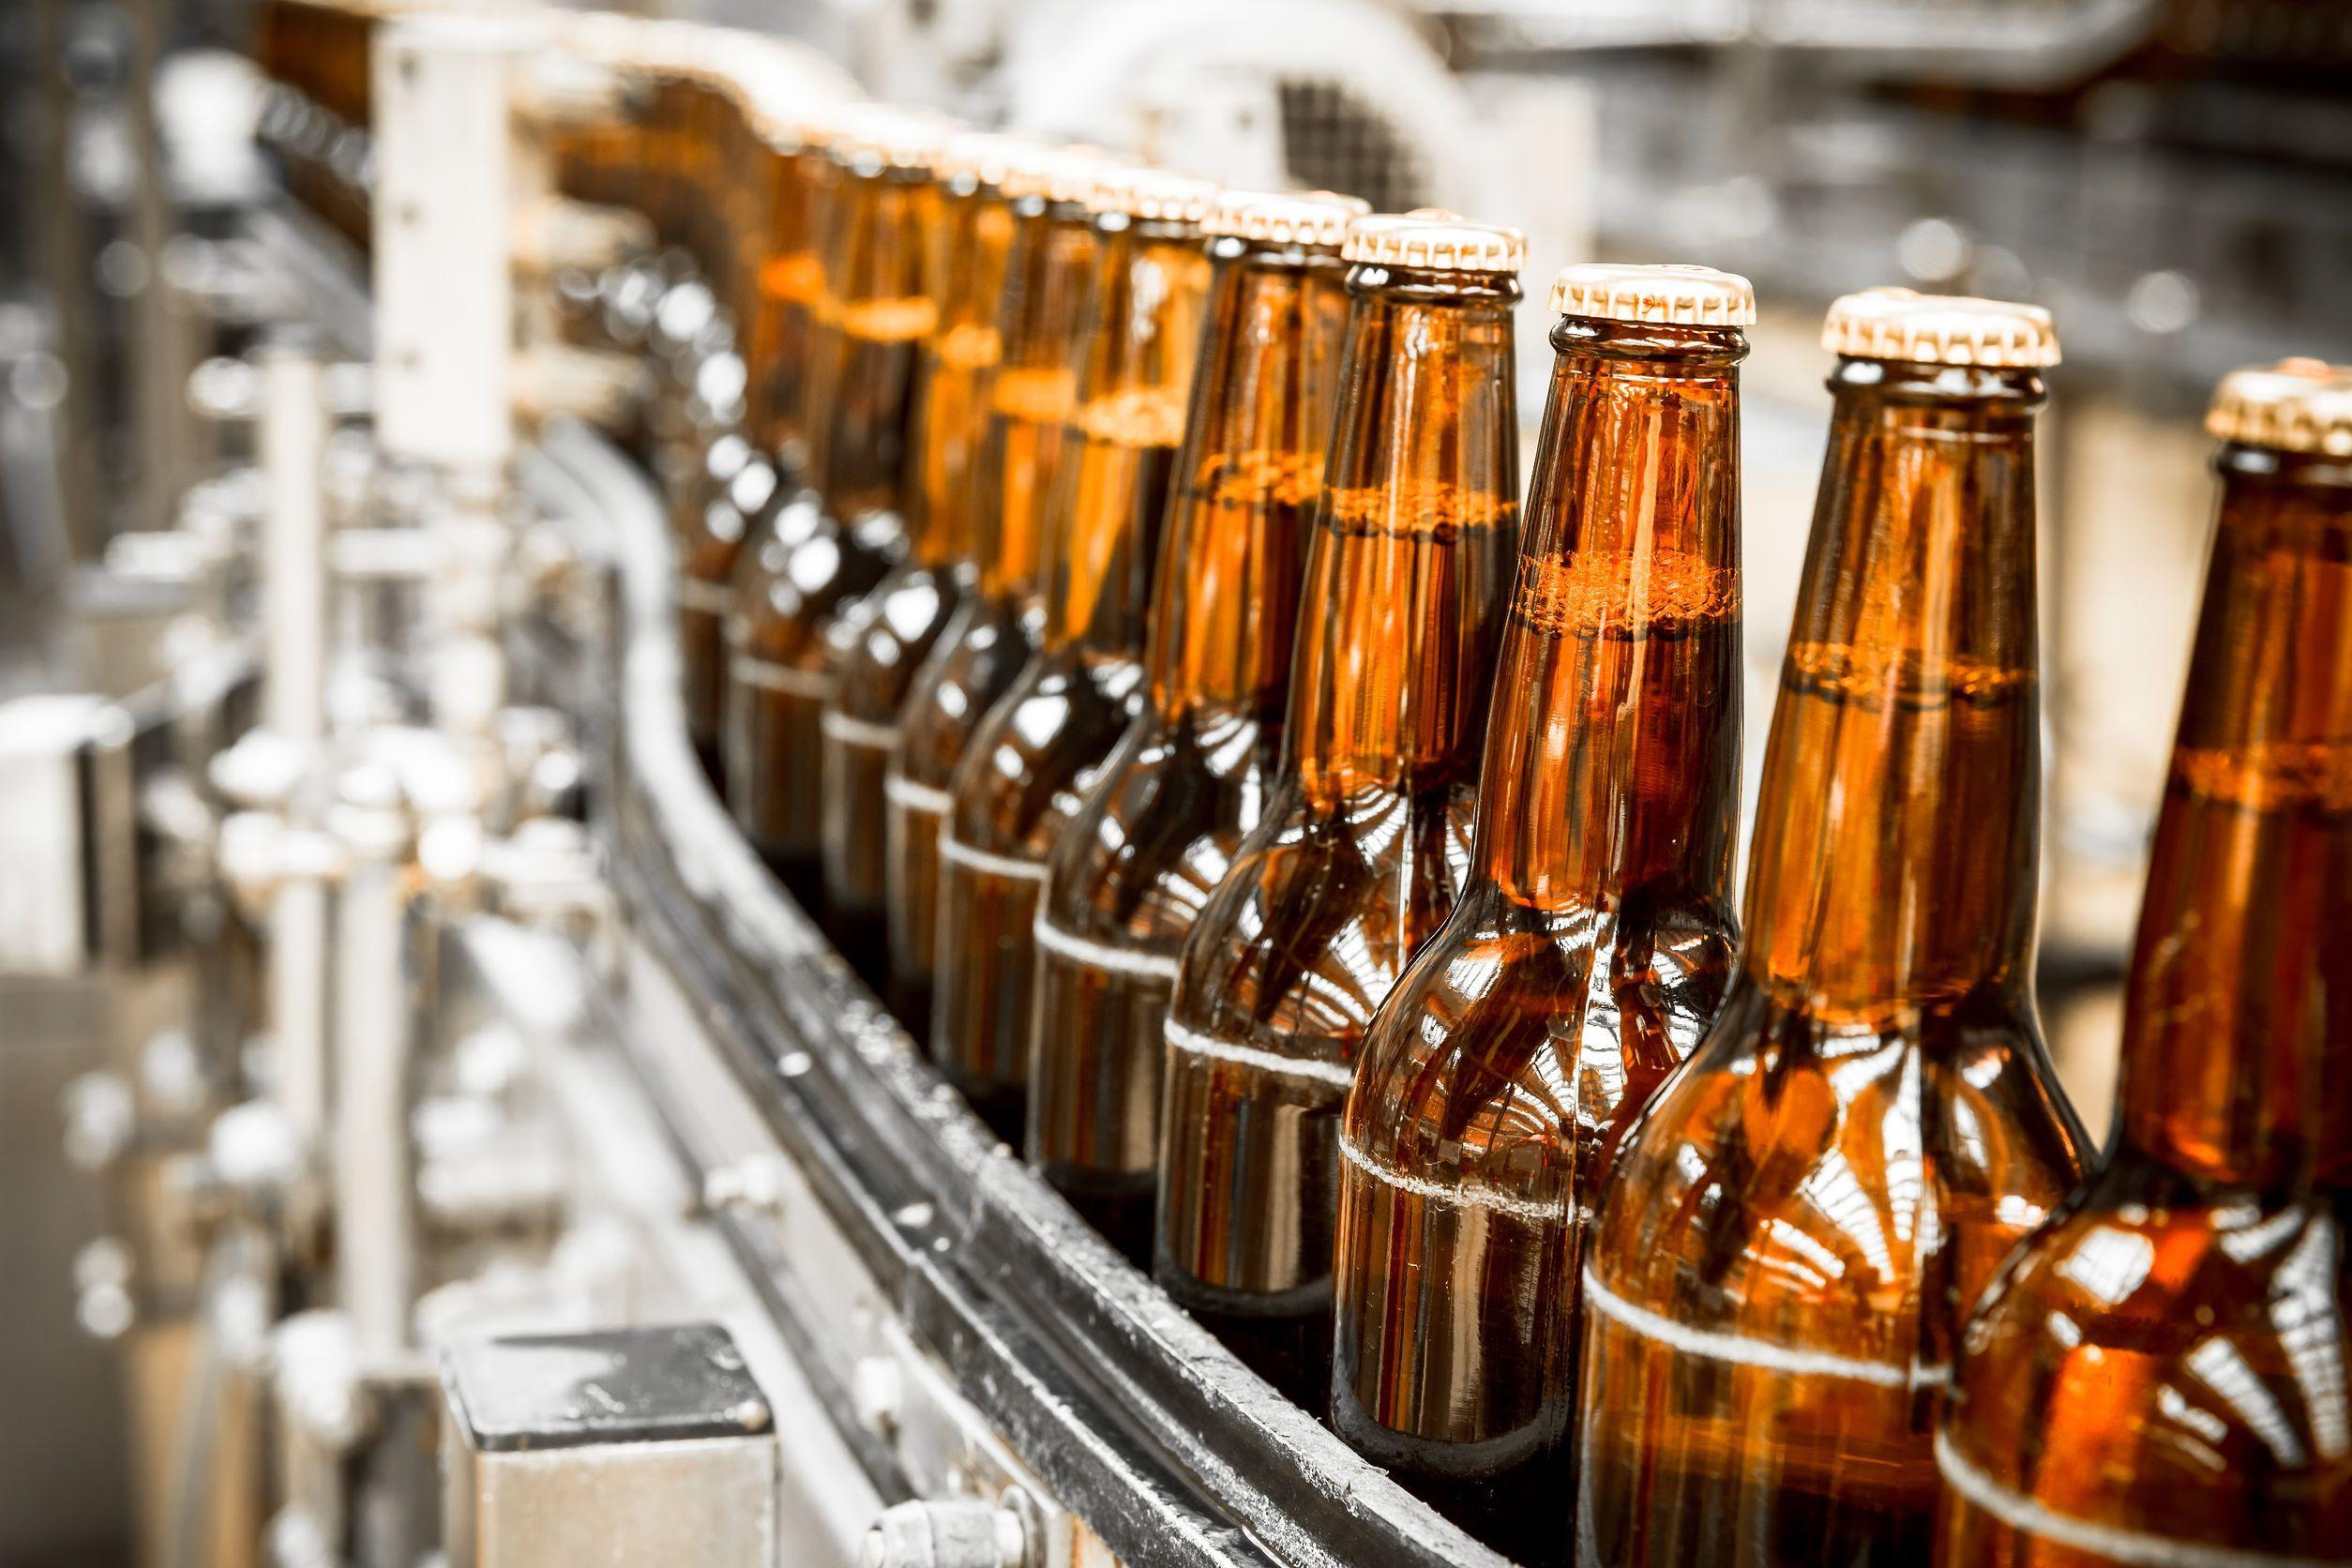 Craft Beverage Modernization & Tax Reform Act